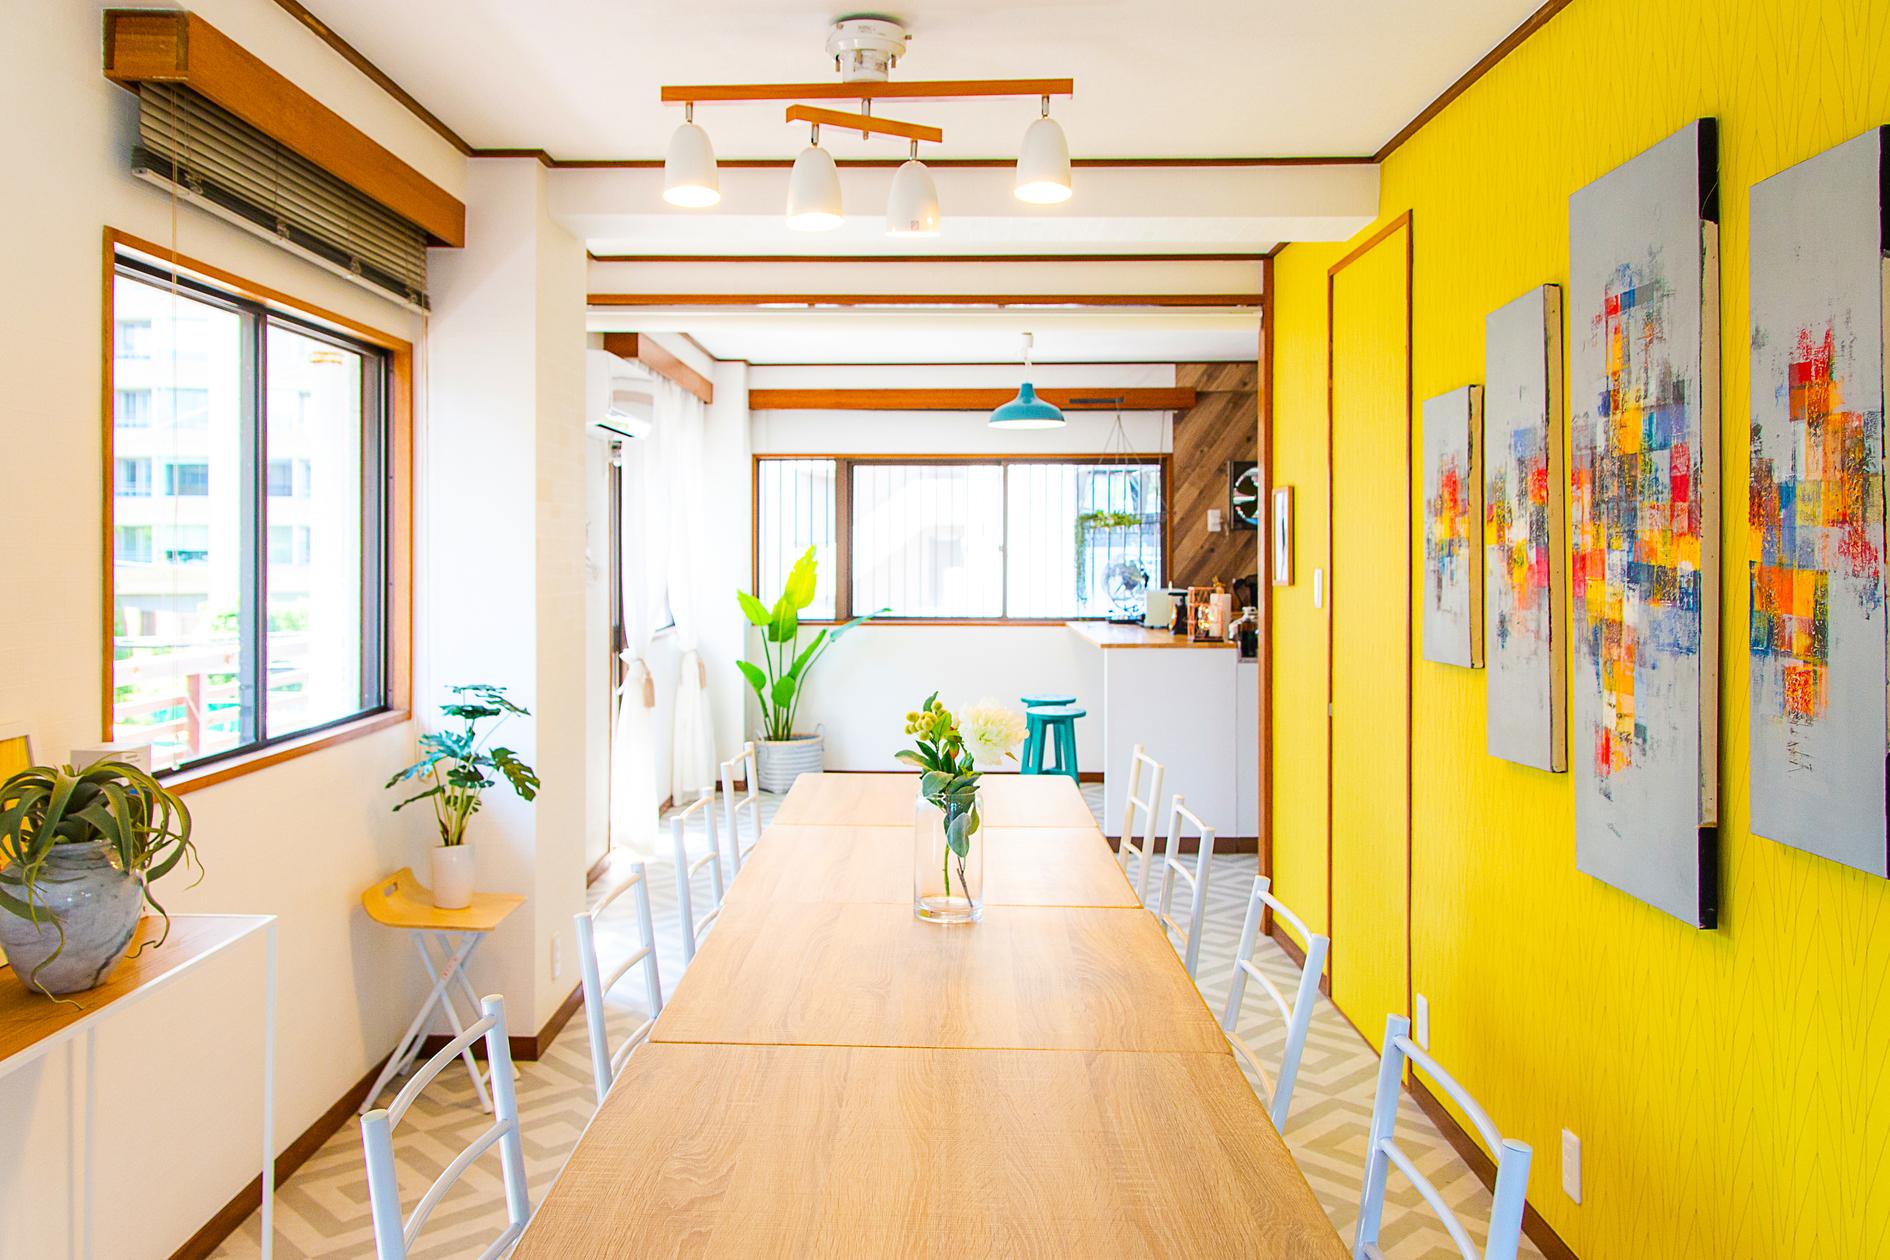 【最大60名 渋谷・表参道徒歩】50㎡ キッチン付きリノベスペース 撮影にもご利用可(【Timeless Shibuya 3F】50㎡ 渋谷・表参道徒歩10分 キッチン付きリノベスペース) の写真0